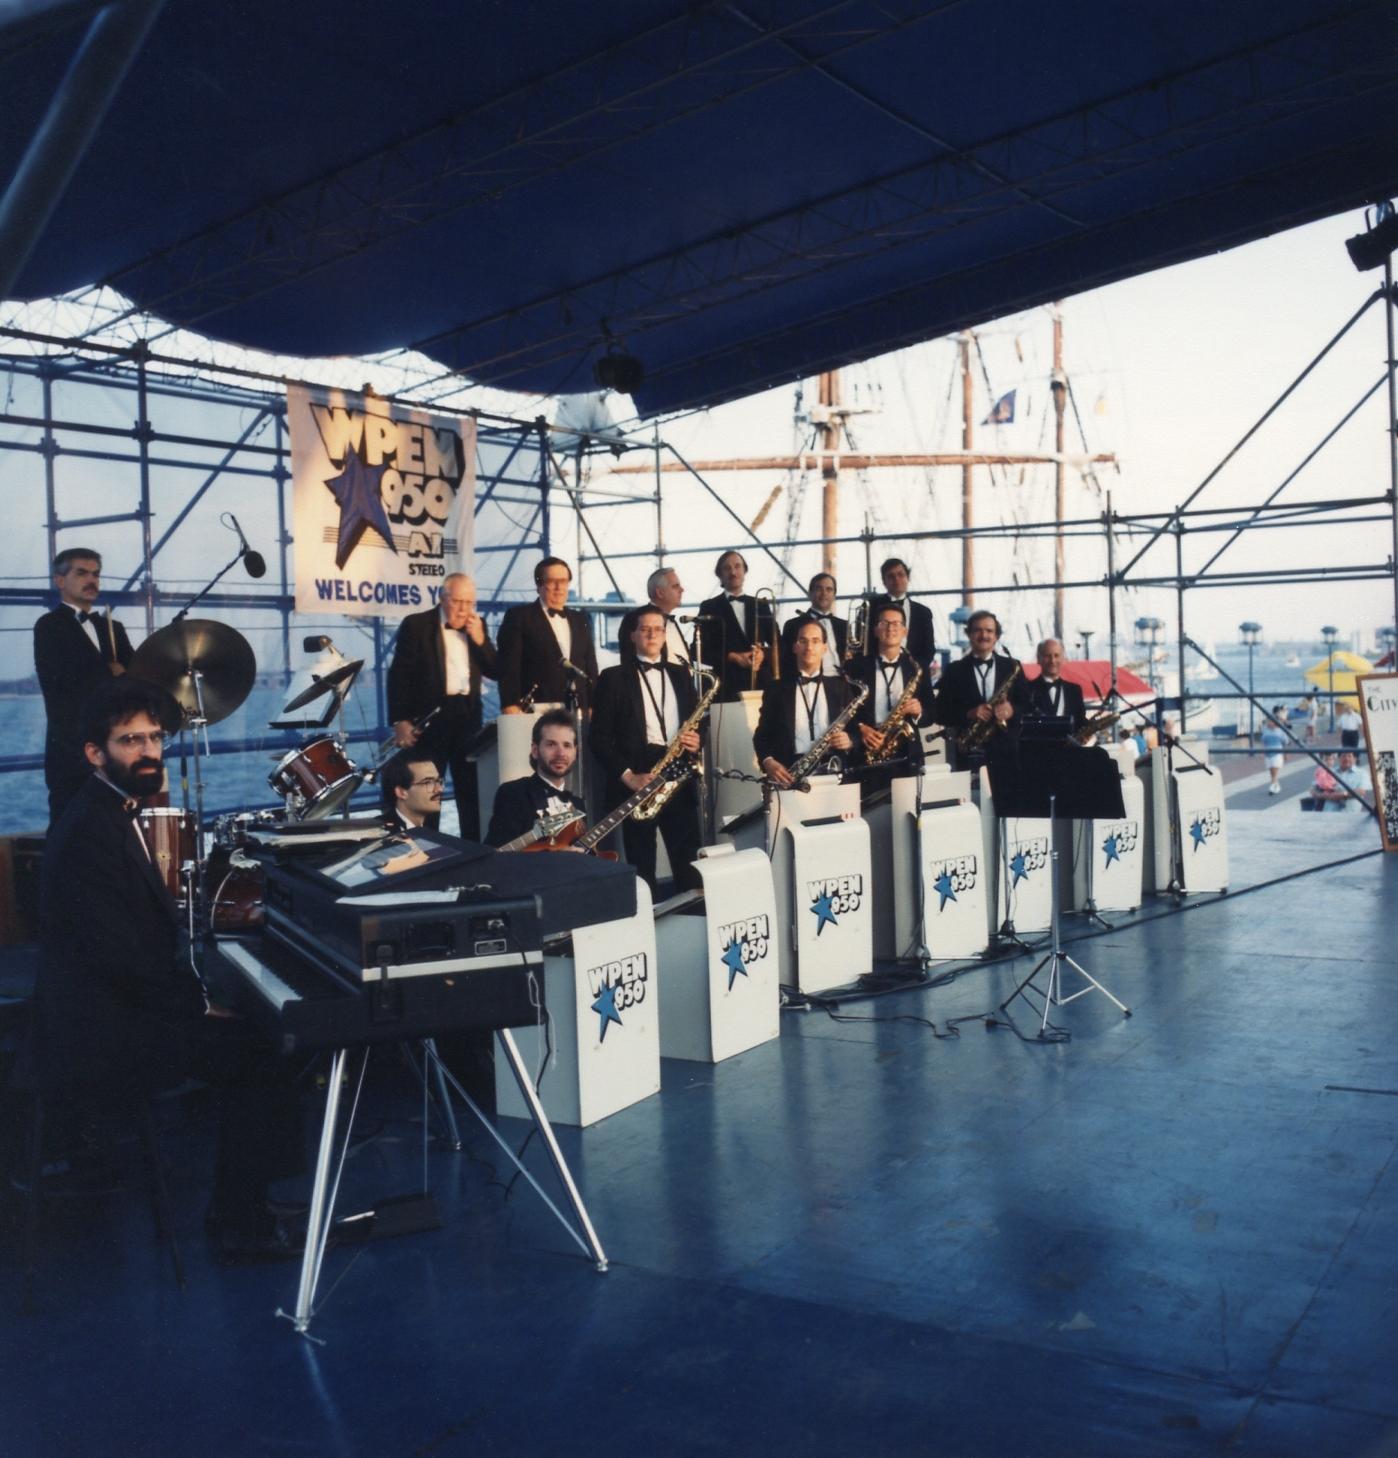 1991-08-01 PENN'S LANDING (11).jpg